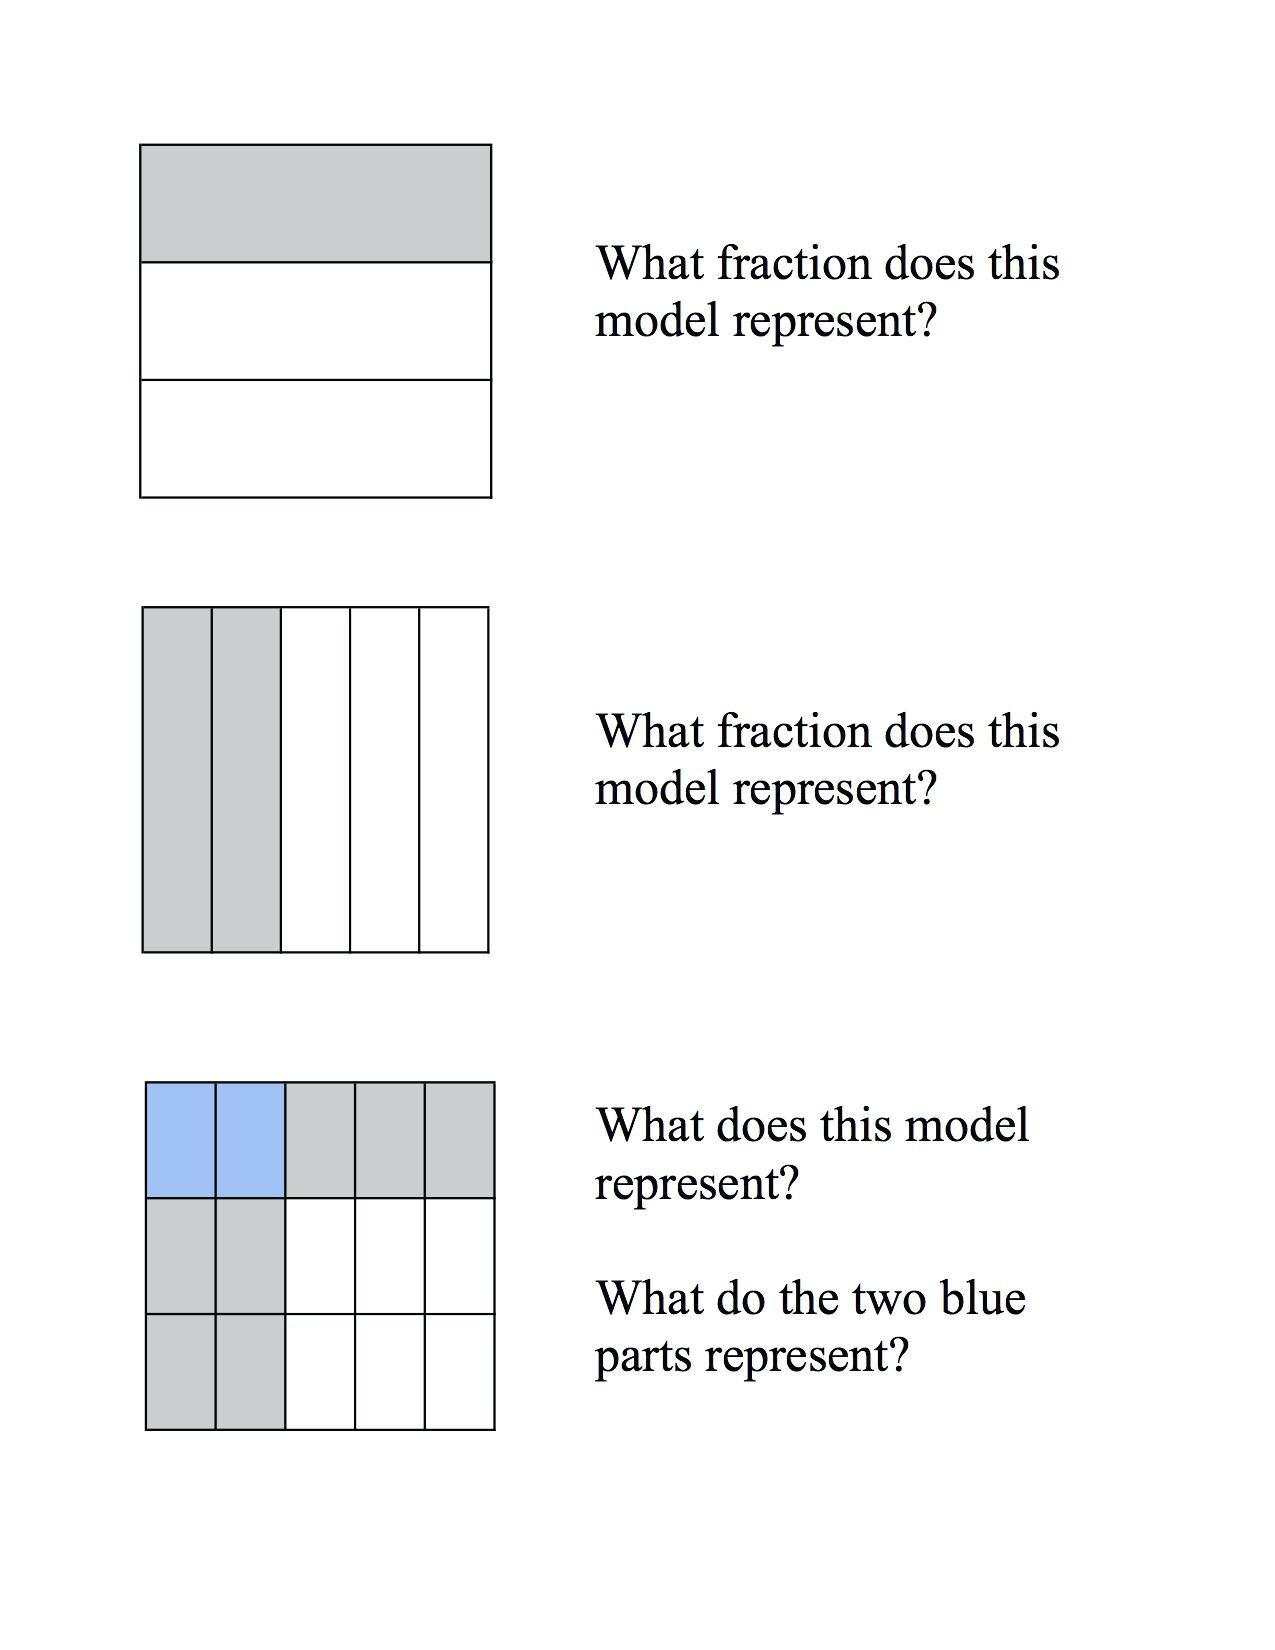 Multiplying Fractions Worksheet 6th Grade Fraction Multiplication Worksheet Using Visual Fraction